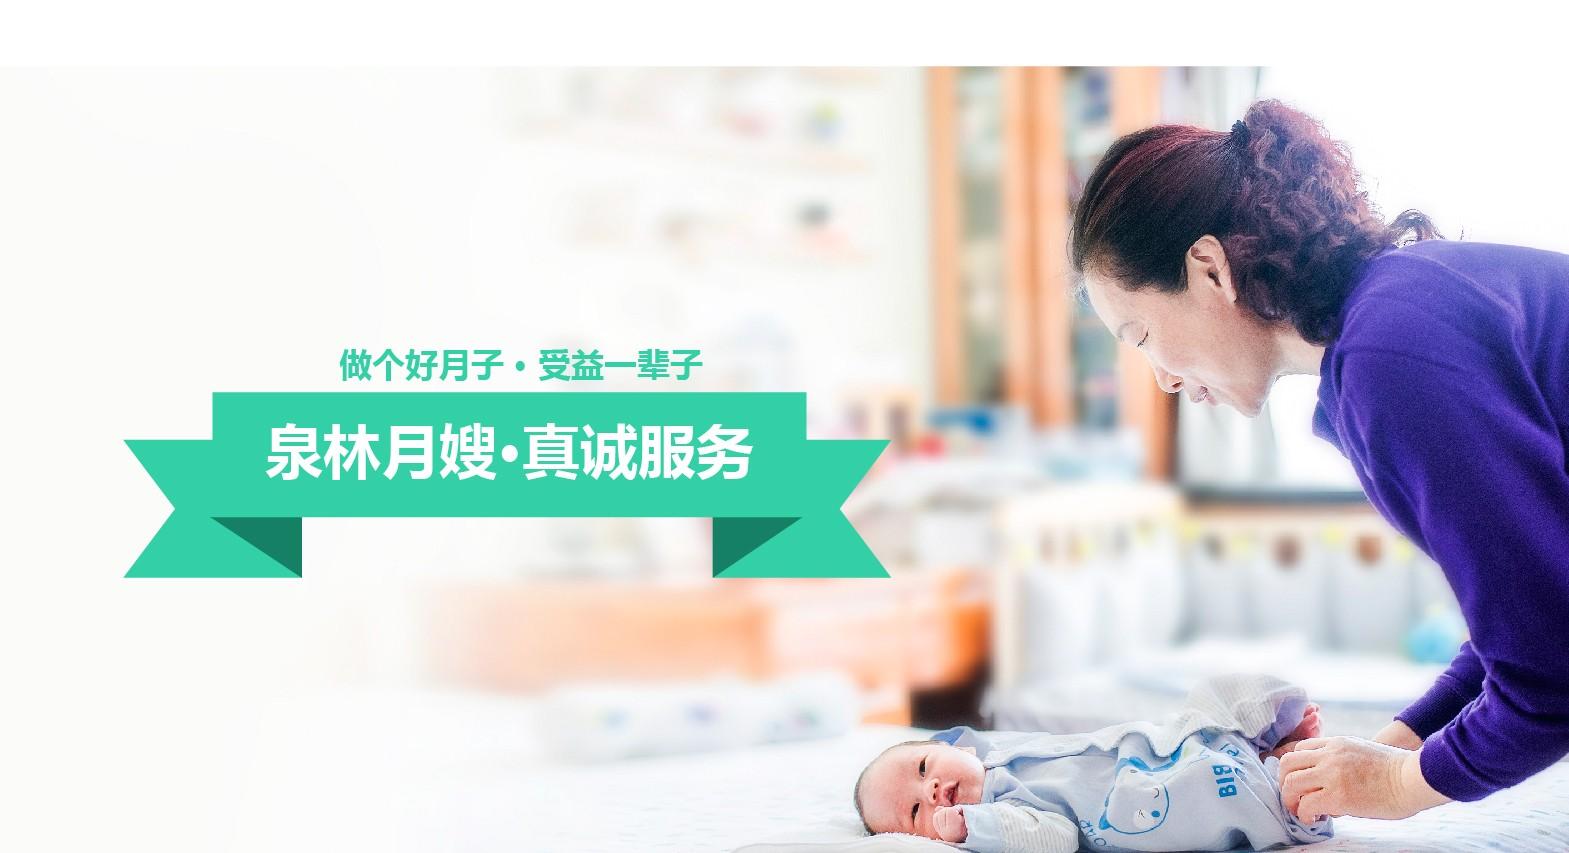 泉林月嫂长条-01.jpg